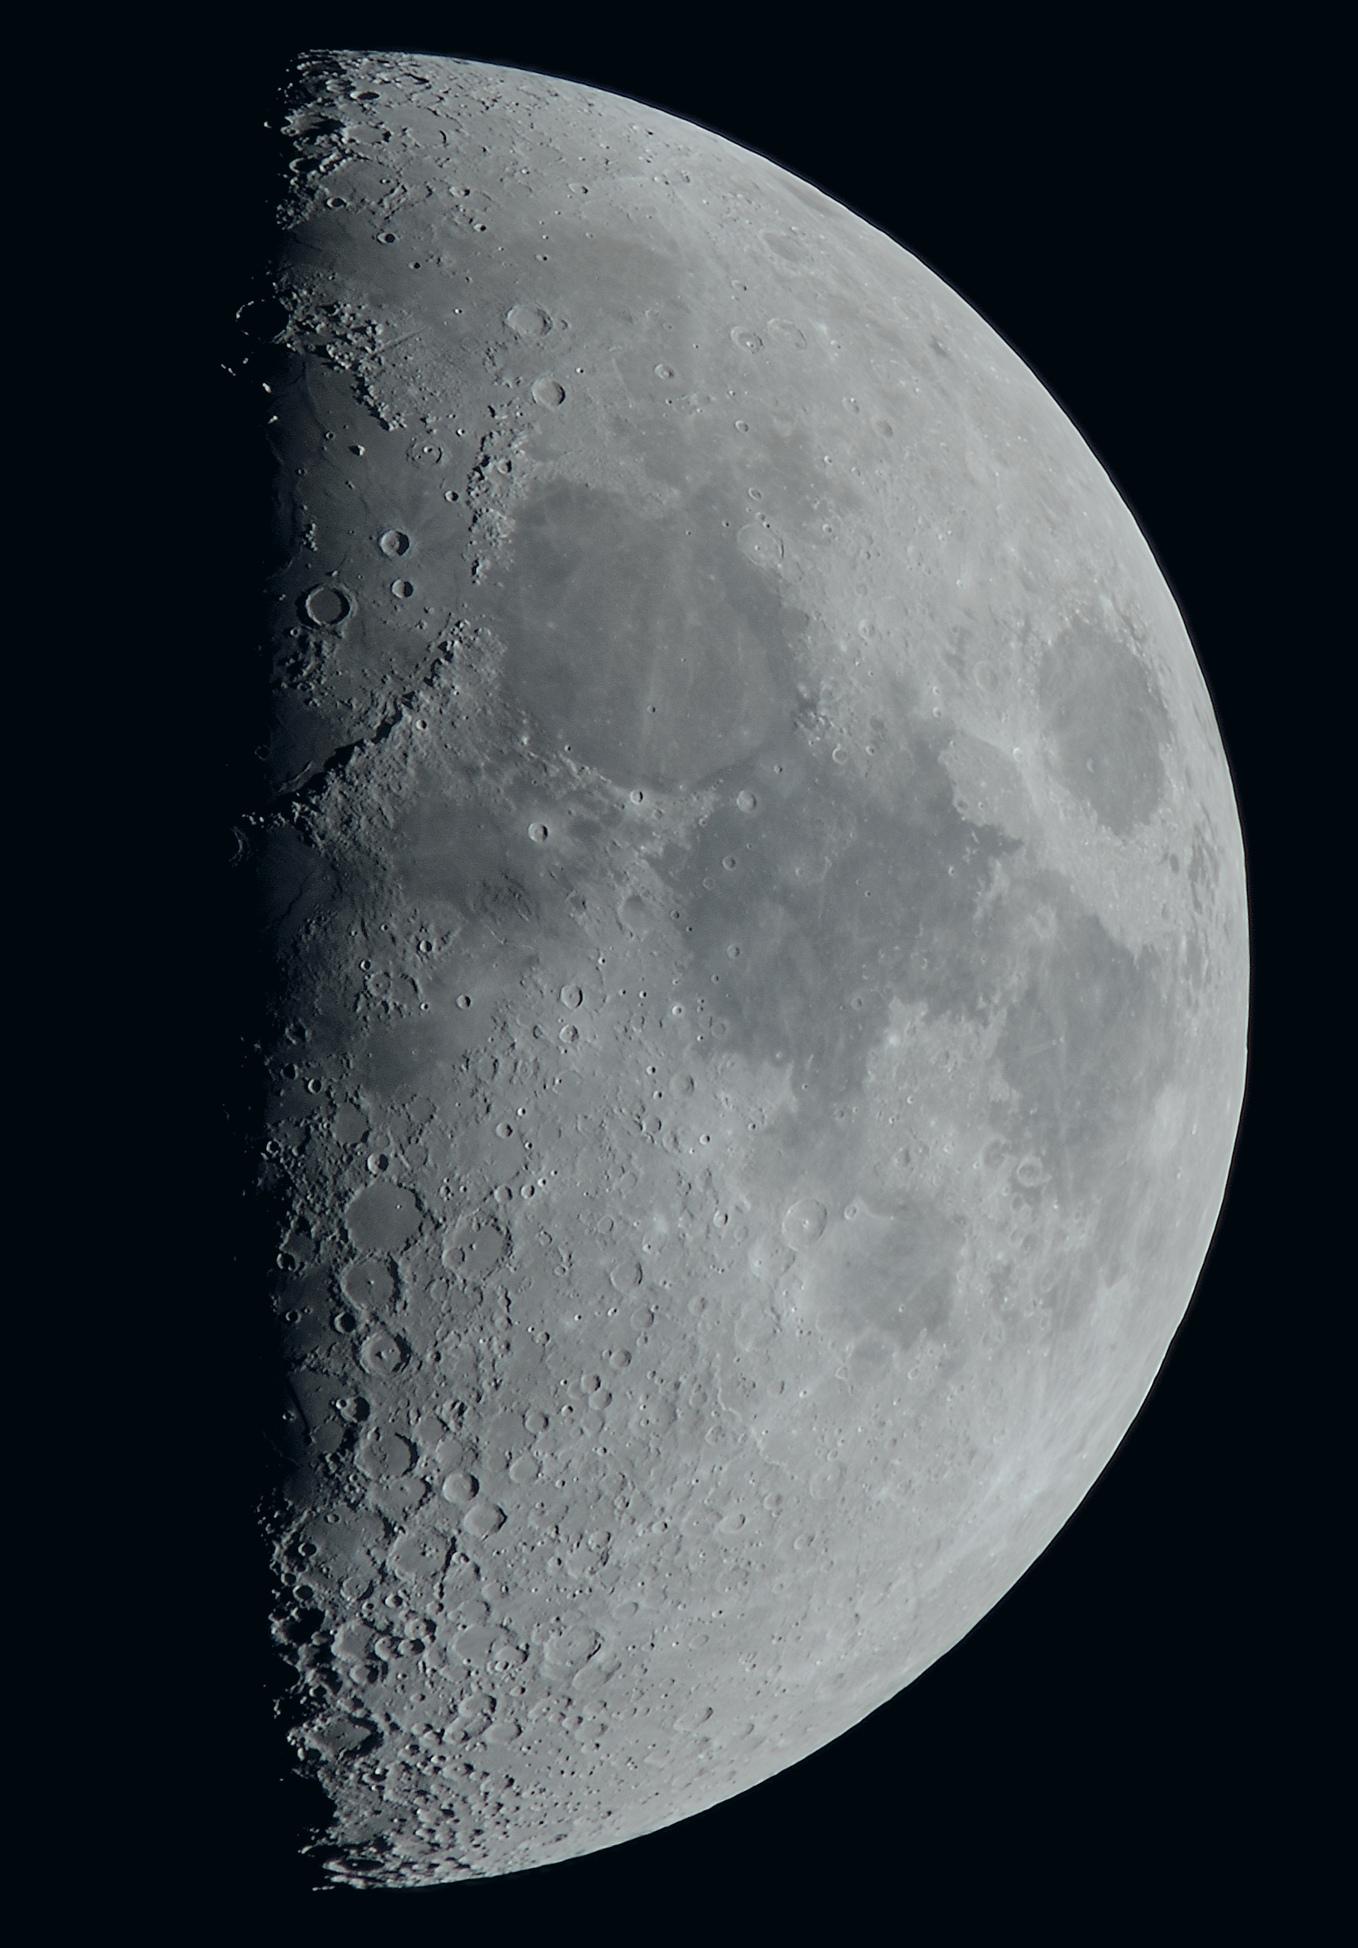 La lune du 23 Février, au Nikon D810, zoom Sigma 120/300, à 1200mm de focale, sur trépied photo